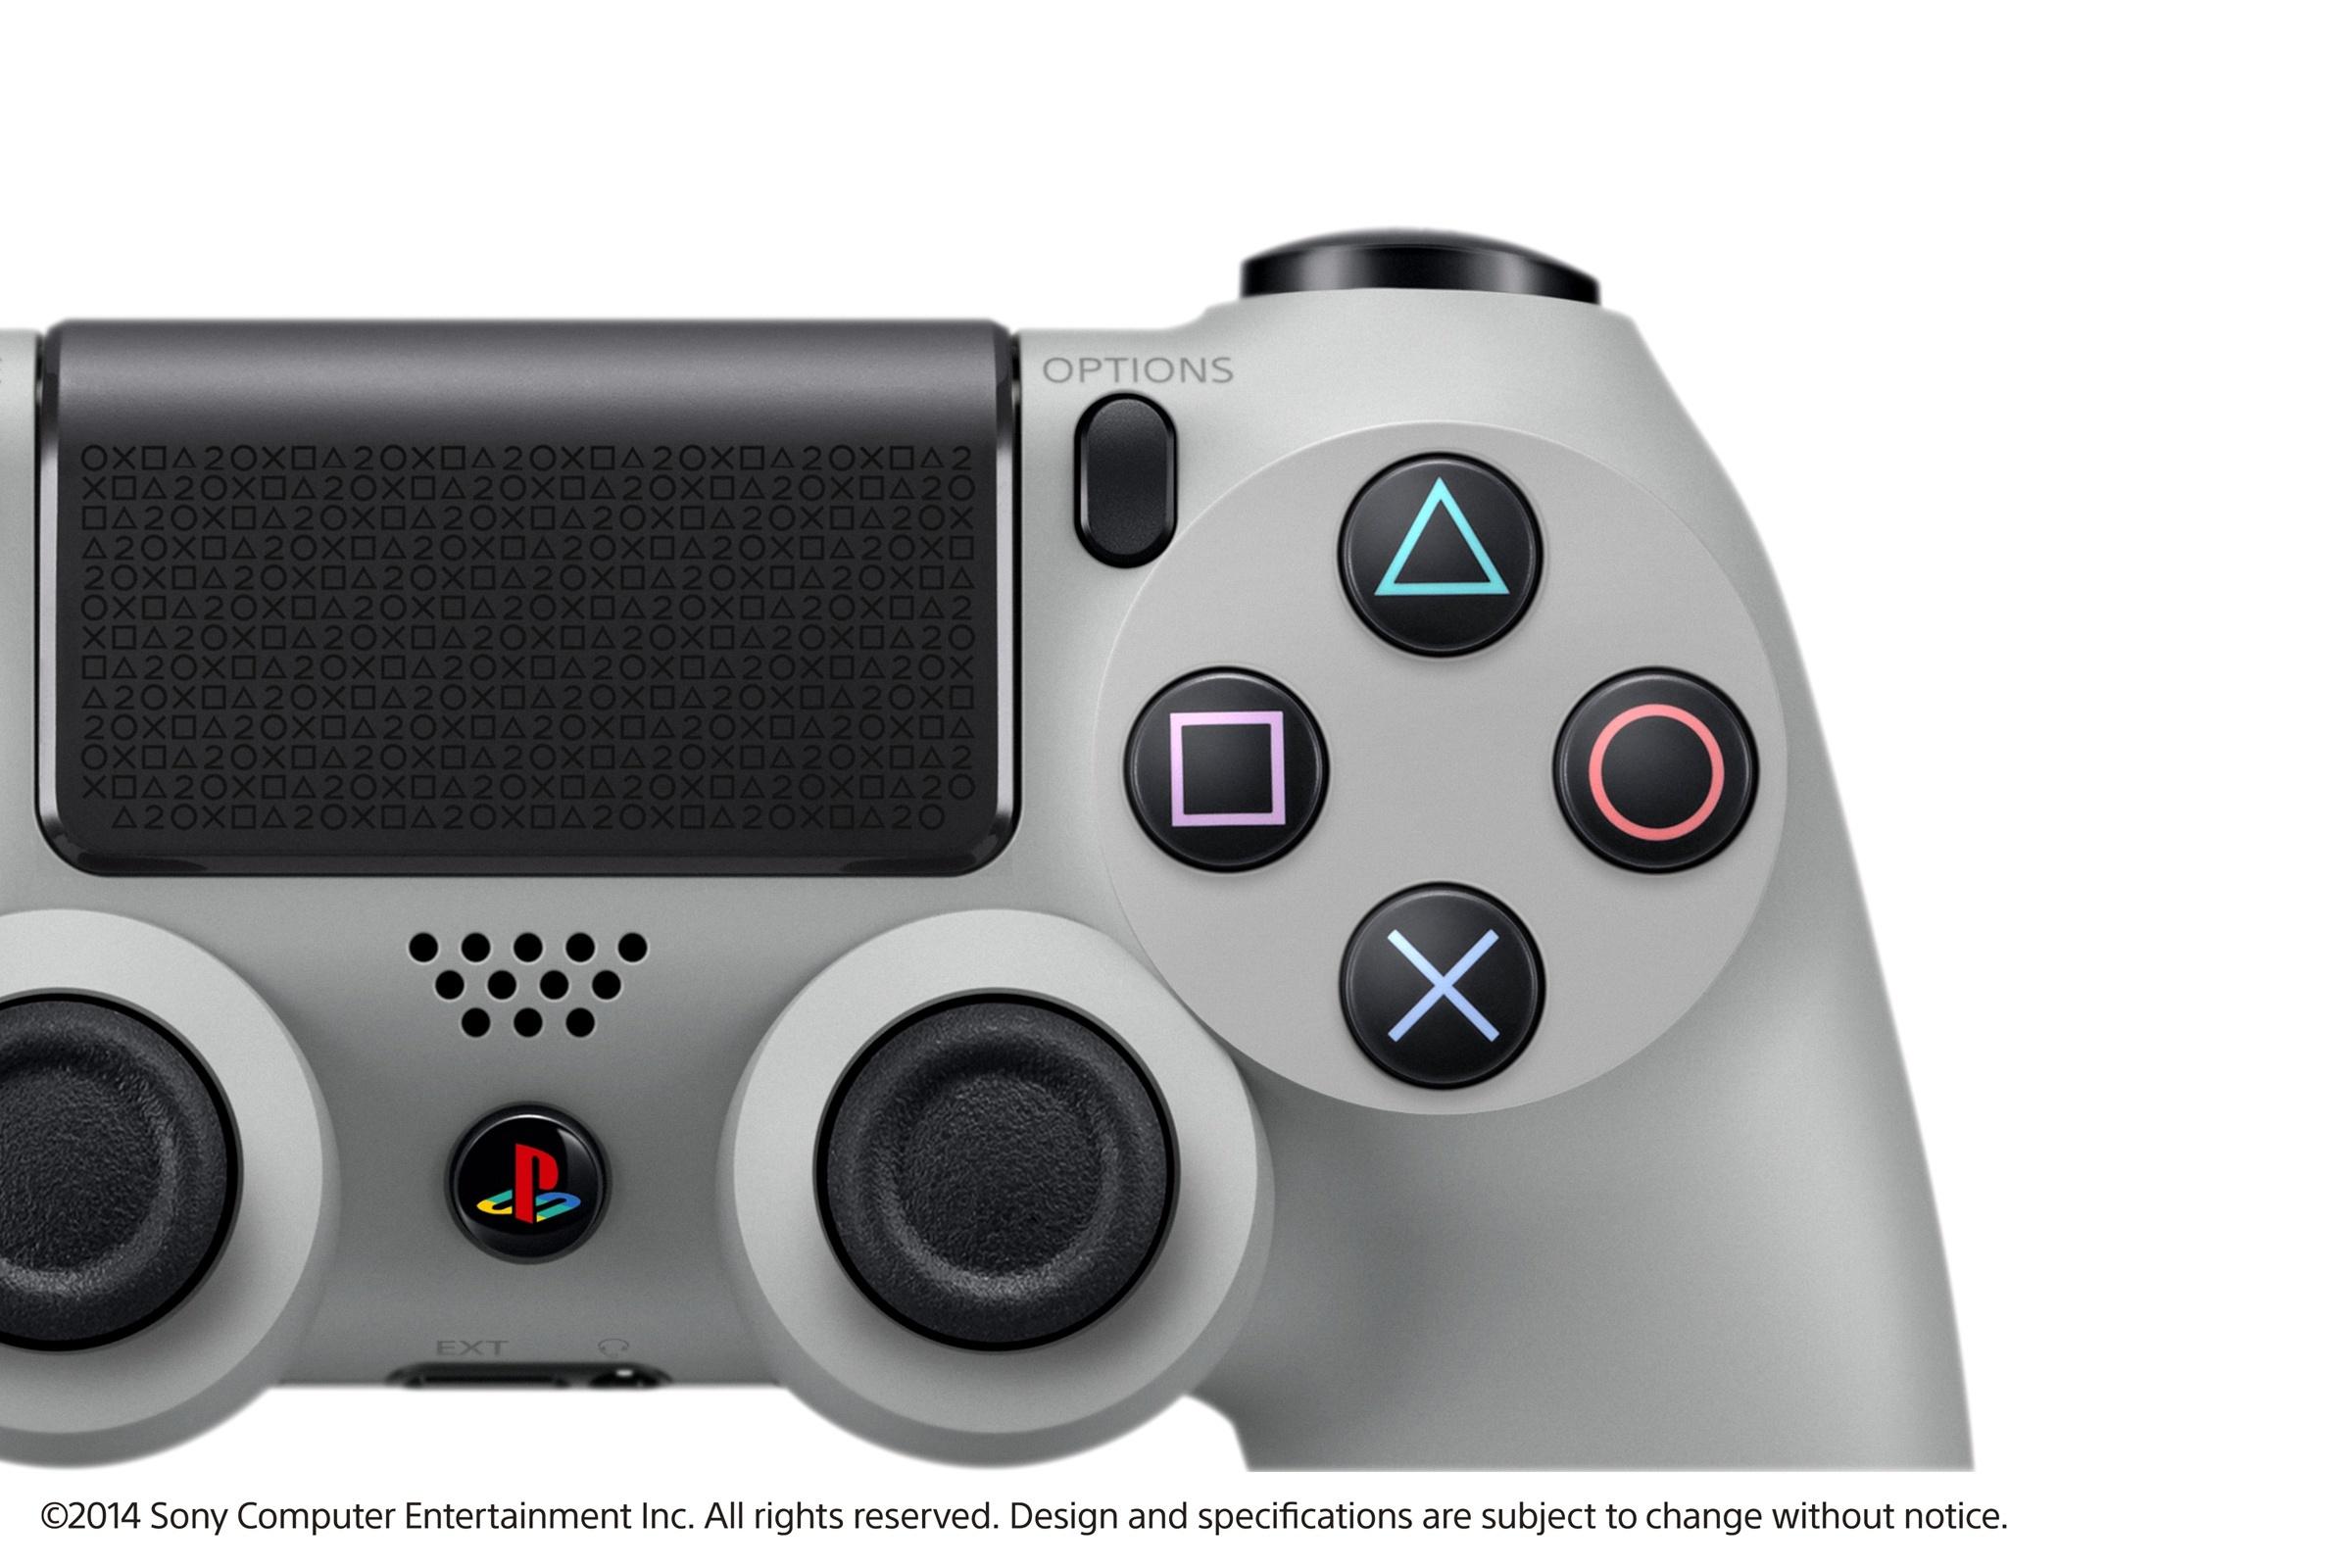 PlayStation-Verlosung - 2 x PS4 Anniversary Edition im Klassik-Look zu gewinnen